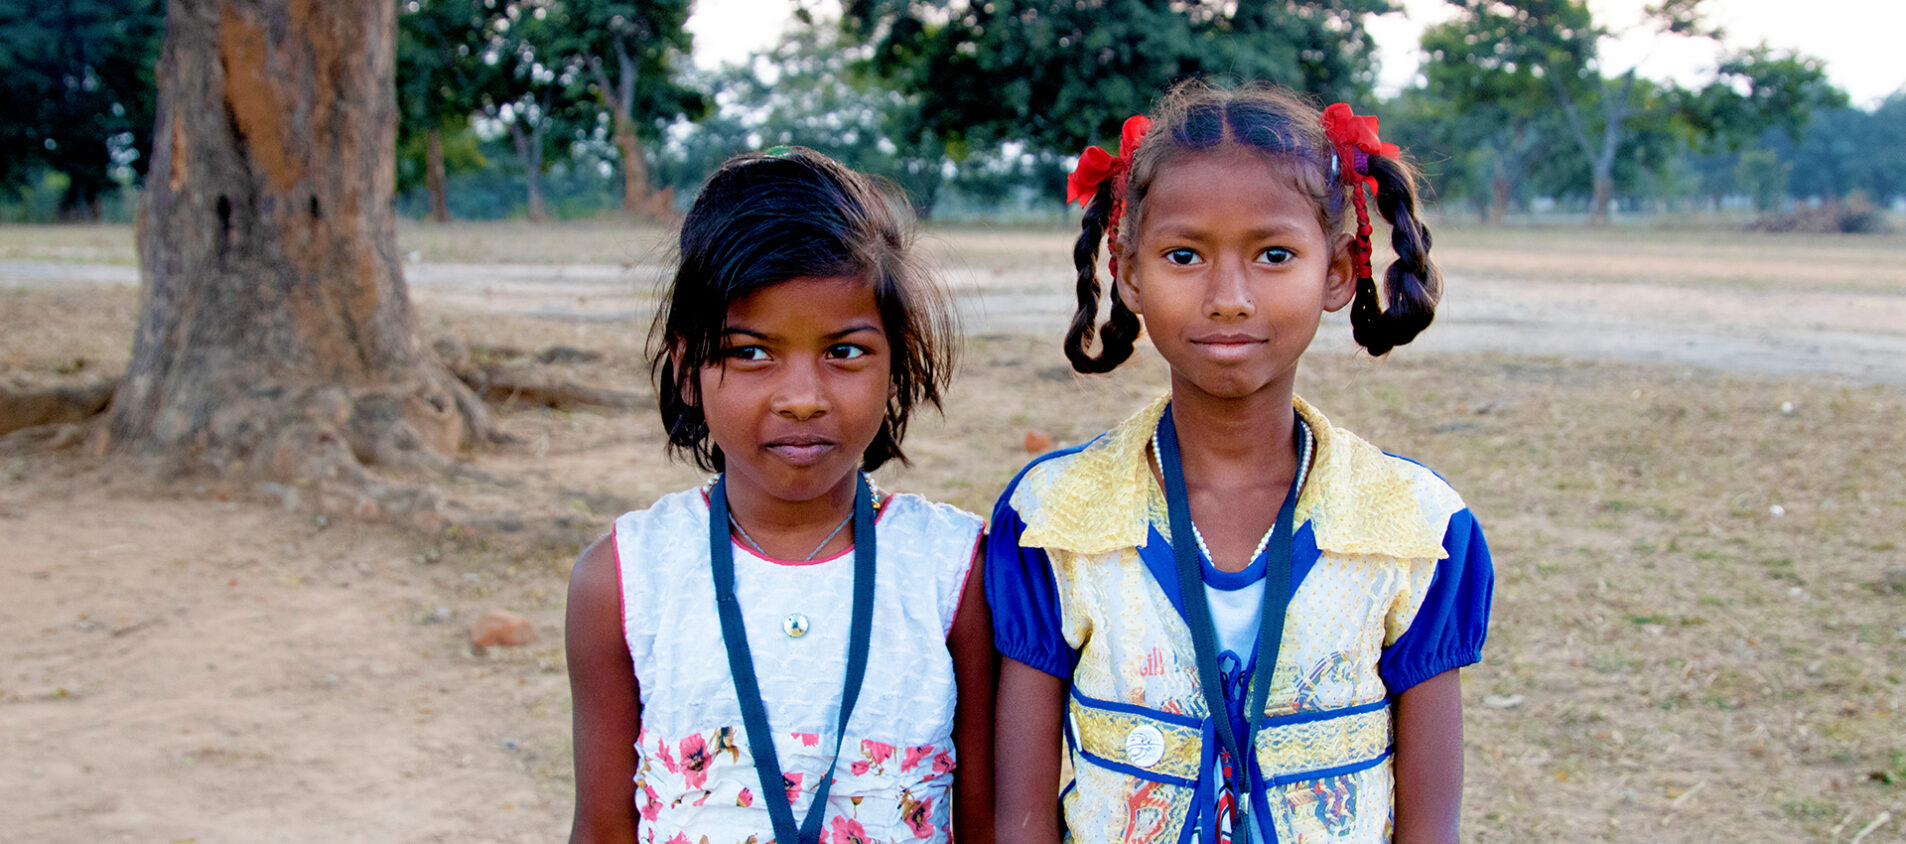 Roshni och Choti är med i ett barnparlament där de gör bra saker för andra barn och för sig själva.